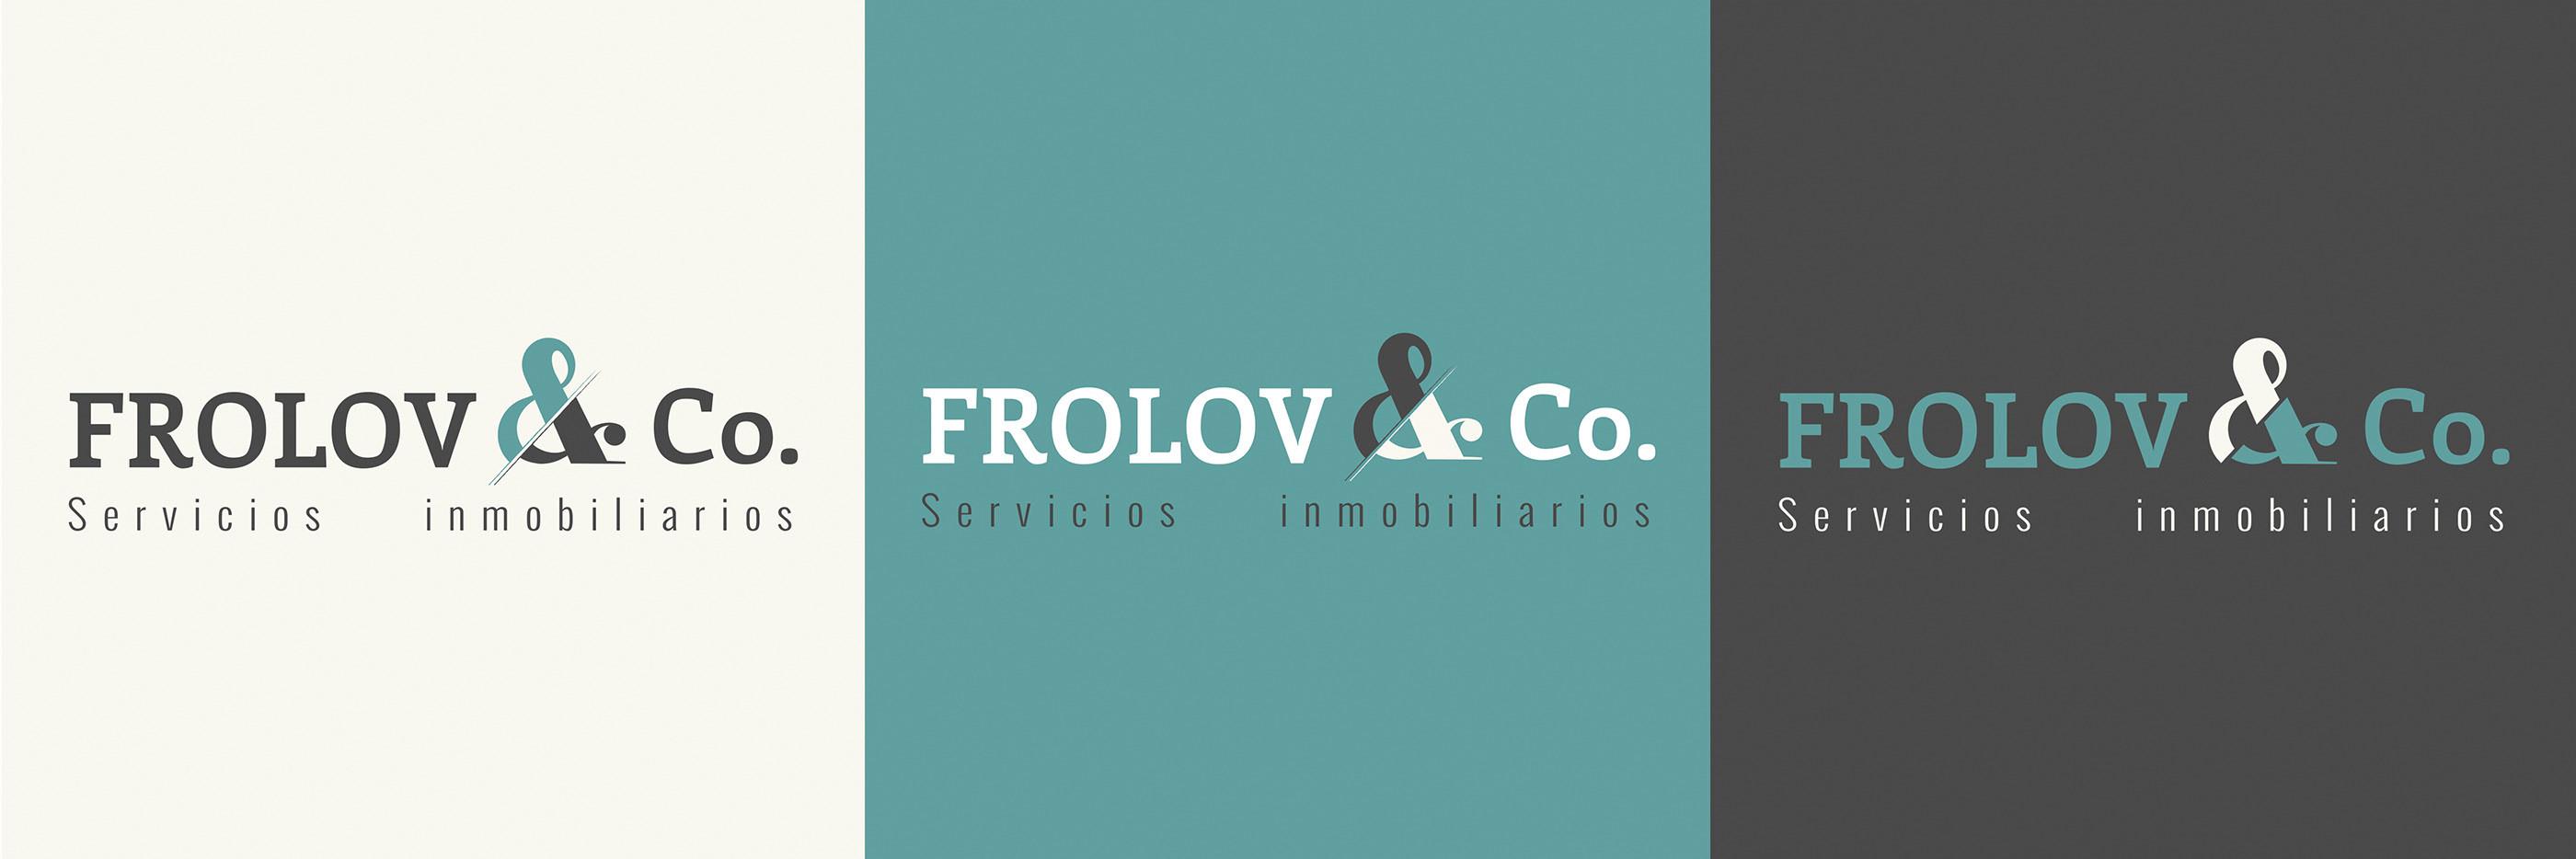 2_frolov.jpg